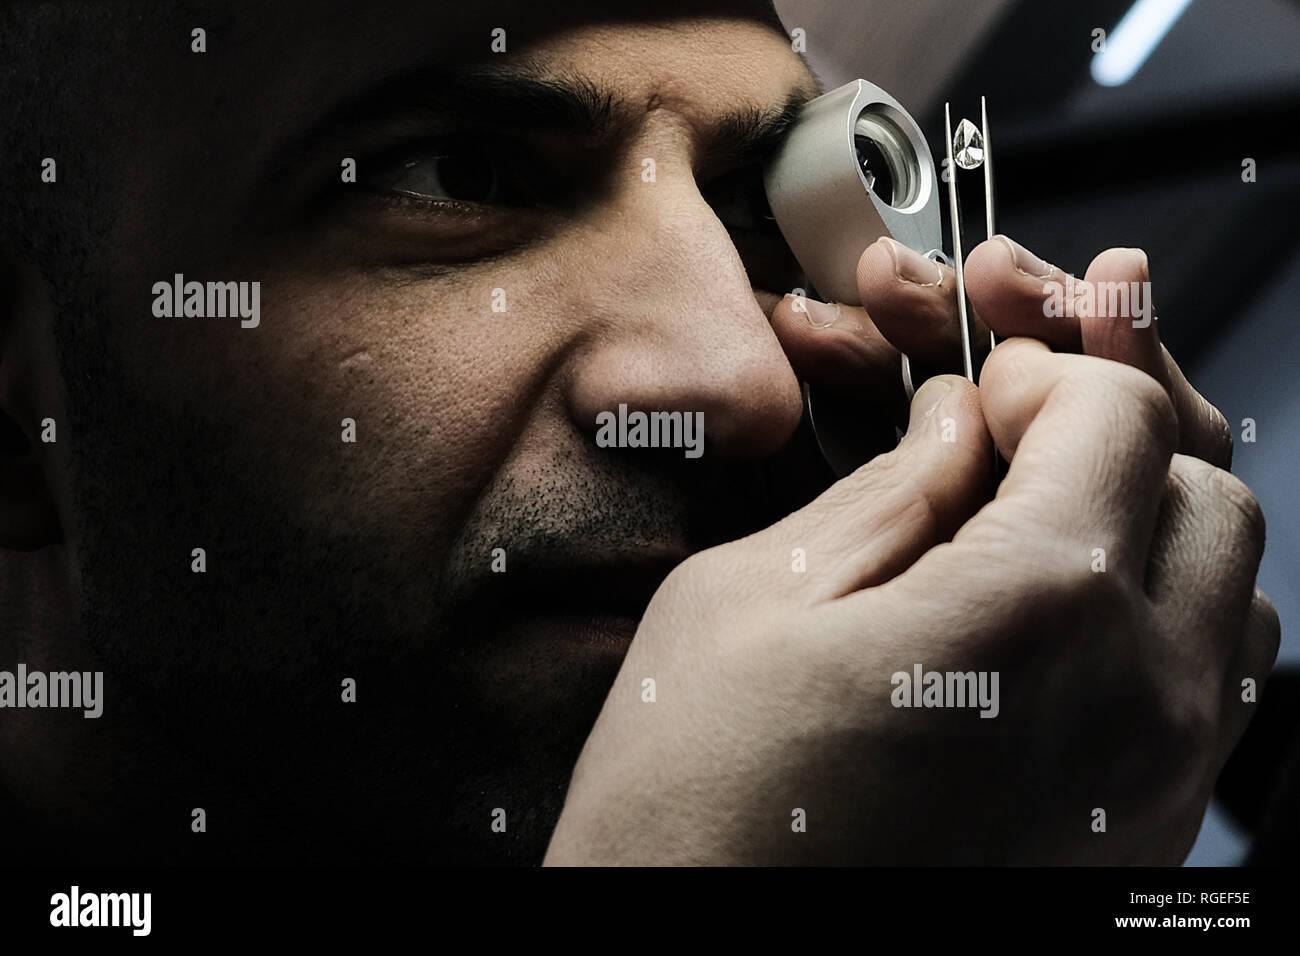 Ramat Gan, Israël. 29 janvier, 2019. Quatre centaines d'acheteurs de plus de 20 pays et de la fabrication de diamants israéliens rejoindre des sociétés de commerce international des diamants sur semaine que quelque 1 500 personnes sont attendues au commerce plus de 1 milliards de dollars de diamants polis cette semaine. L'Israel Diamond Exchange est considérée comme la plus sûre au monde, couvrant une superficie de 100 000 mètres carrés avec 3 500 membres de la bourse. Credit: Alon Nir/Alamy Live News Photo Stock